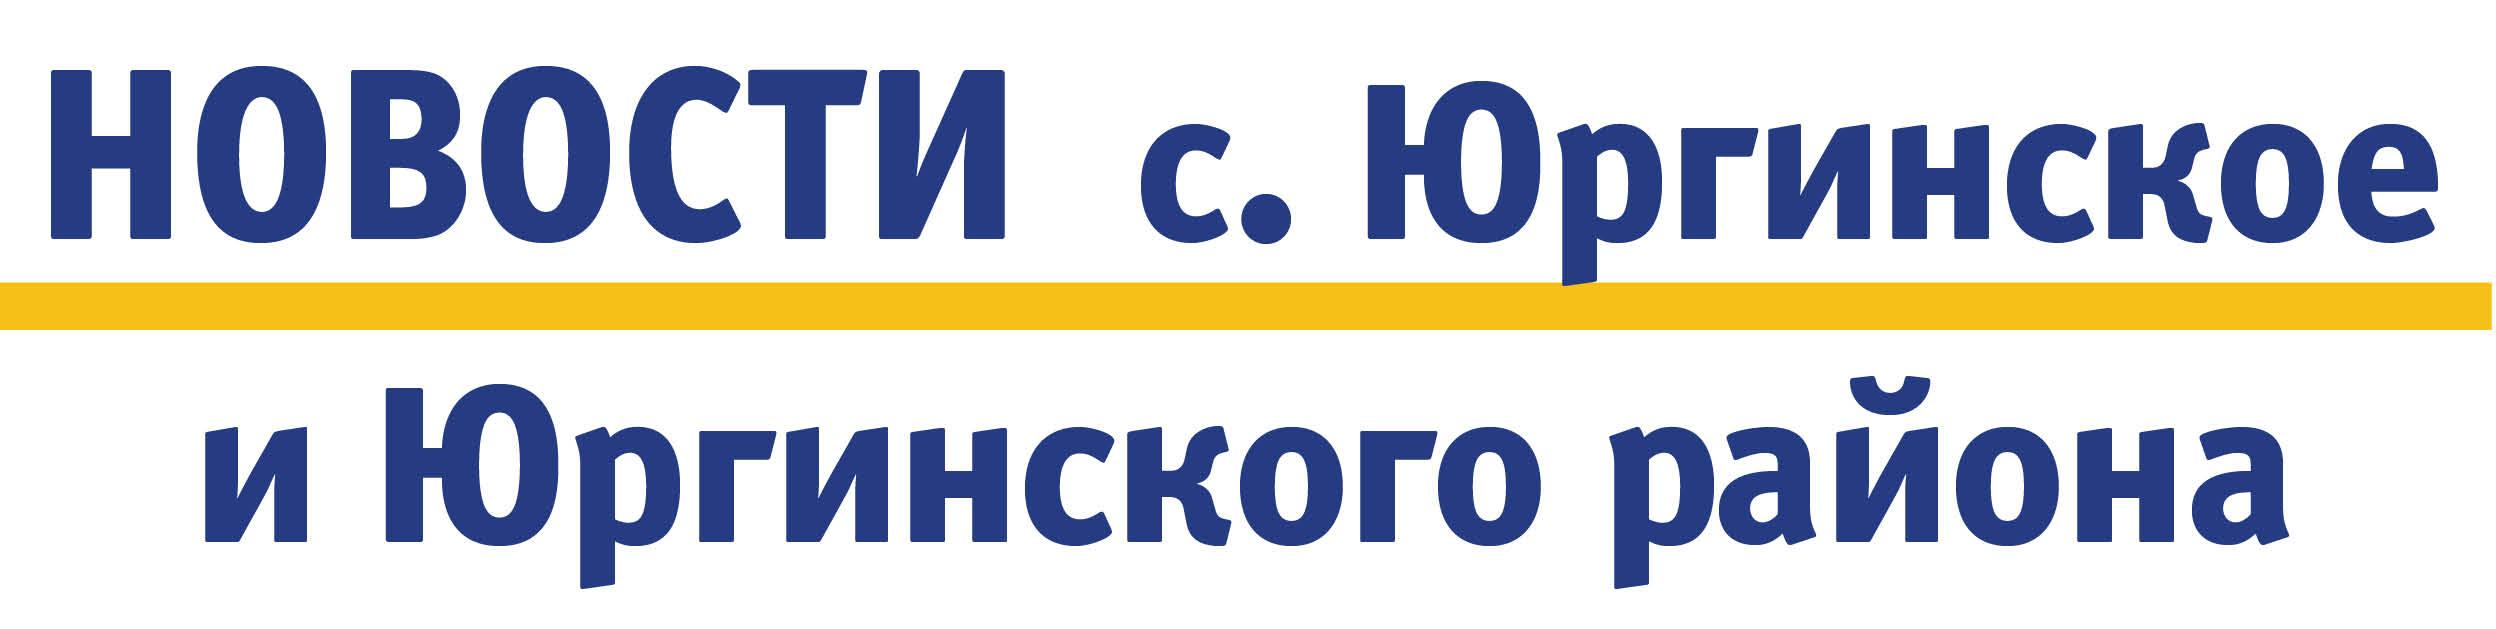 Дать объявление челябинская область дать объявление в журнал транссервис